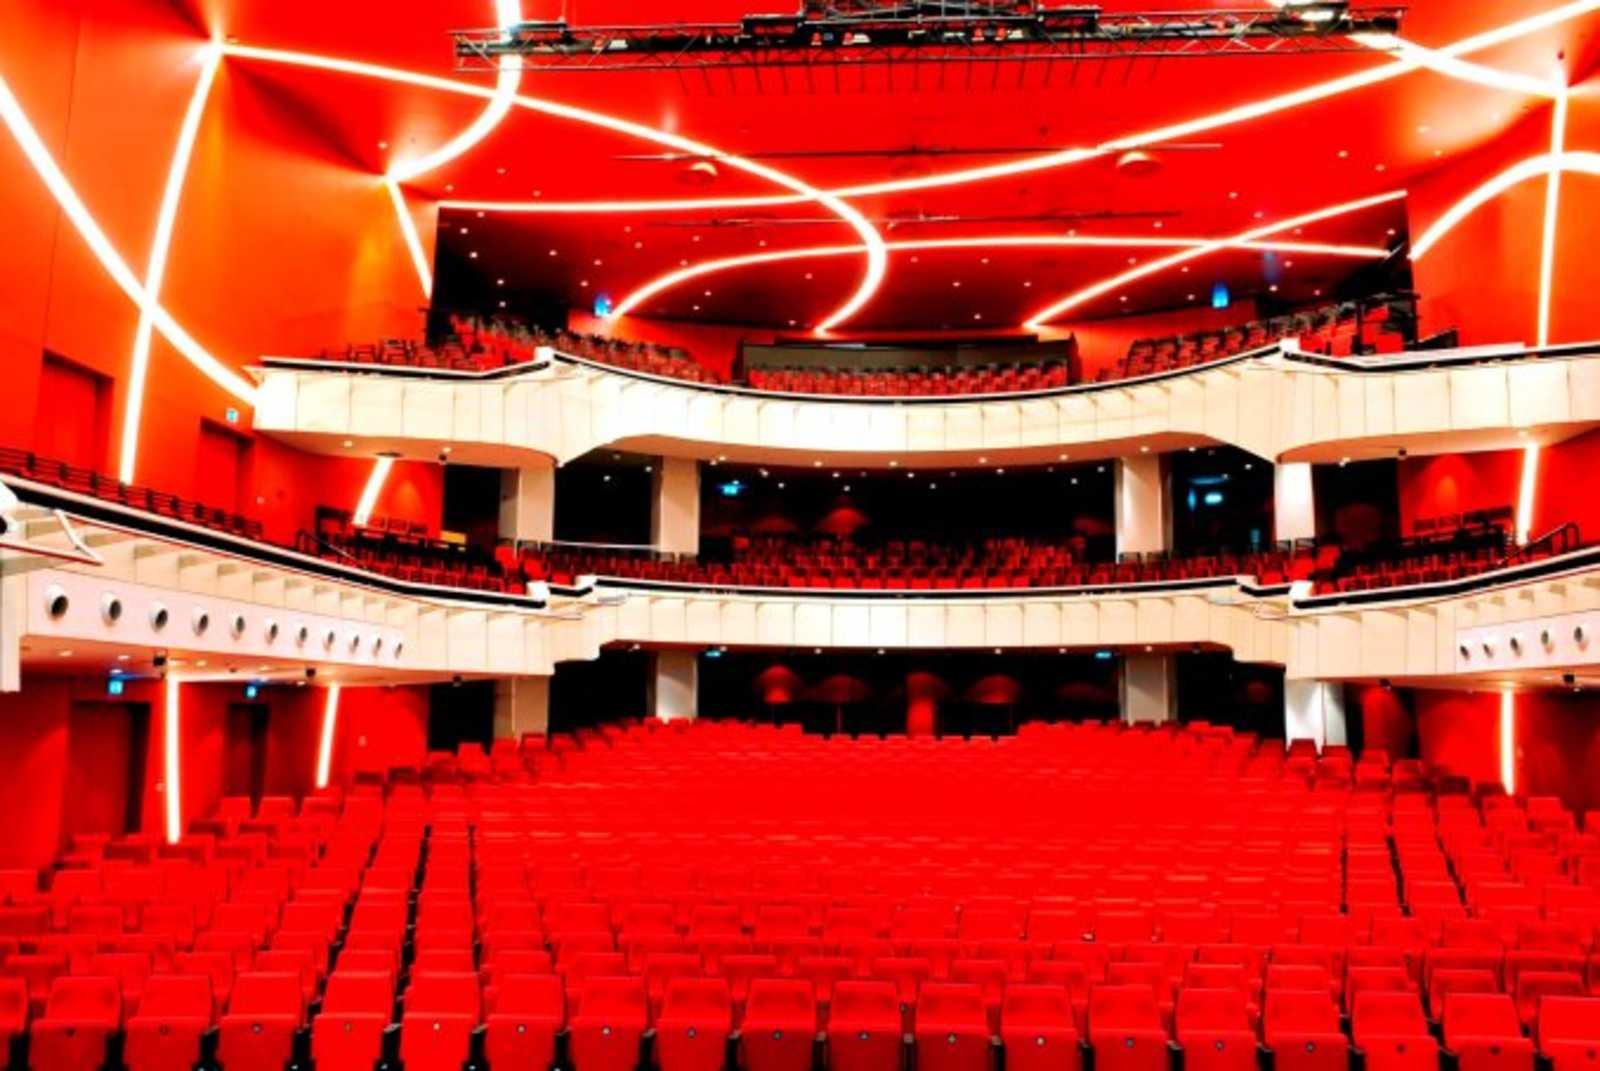 Foto: Deutsches Theater/Robert Götzfried